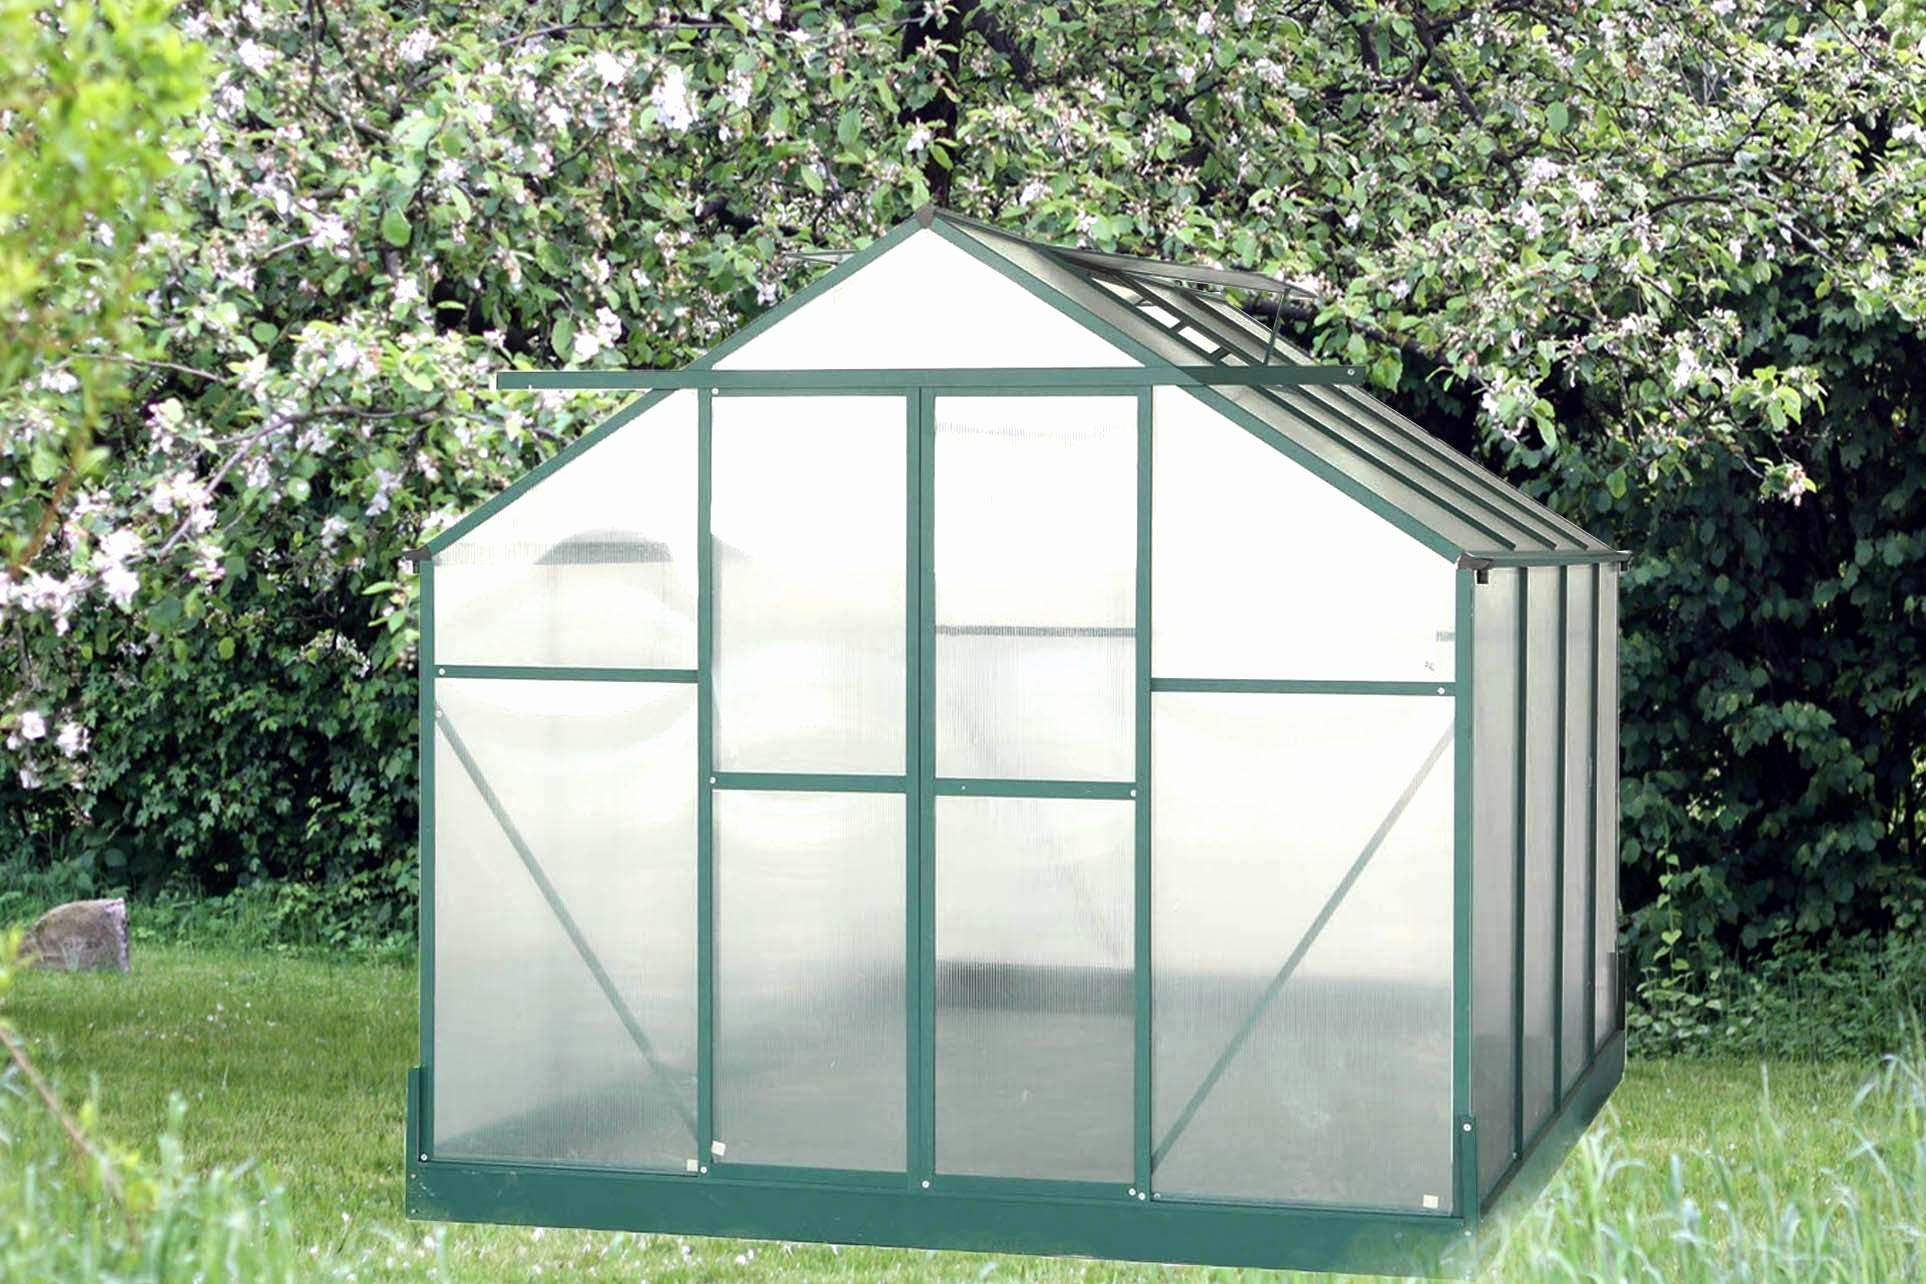 serre de jardin brico depot elegant serre de jardin pas cher magnifique serre de jardin occasion elegant of serre de jardin brico depot